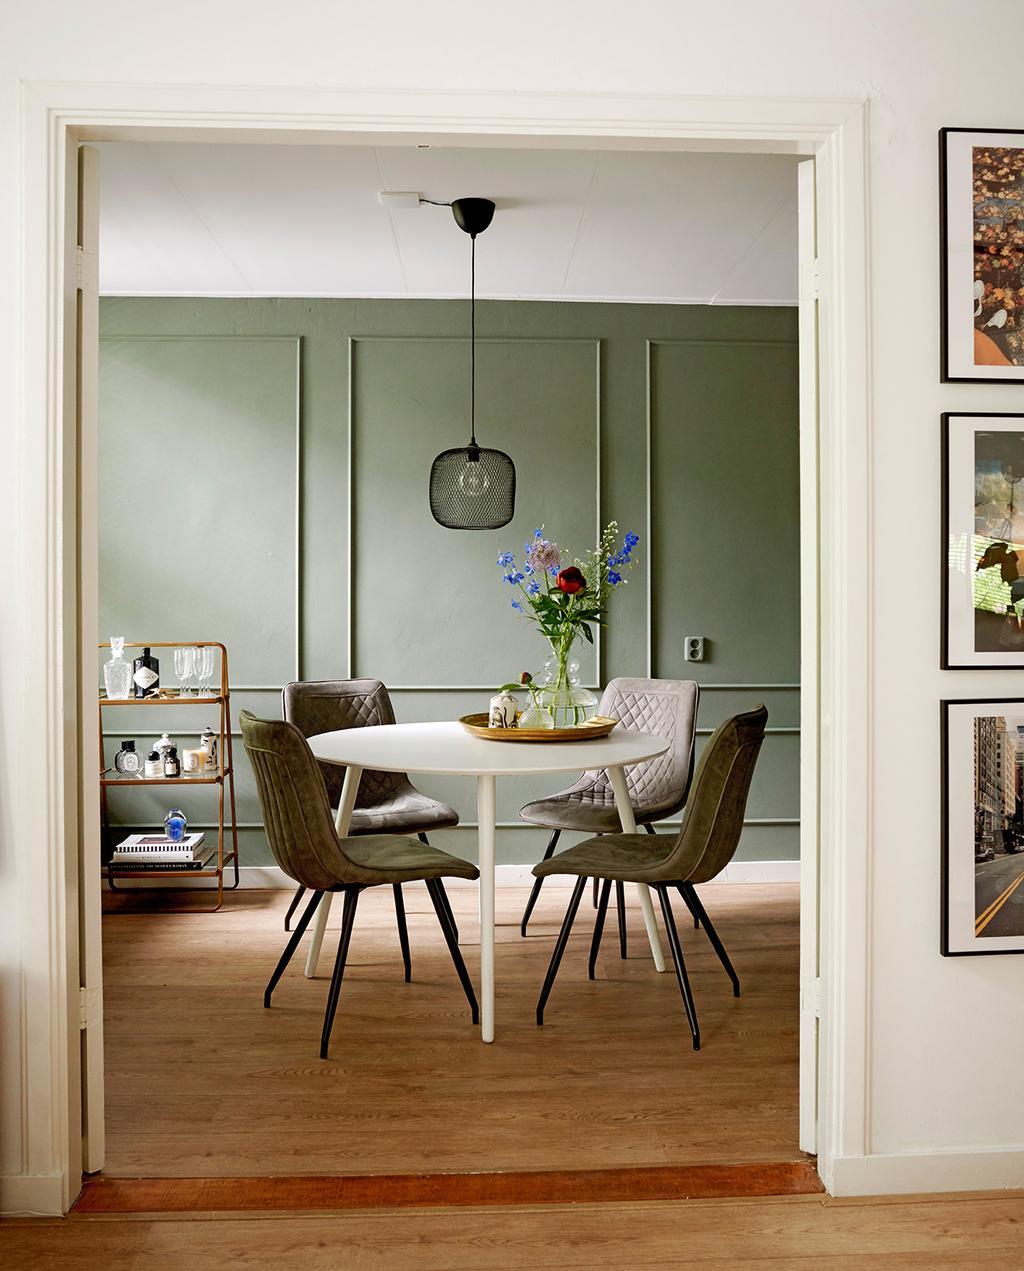 vtwonen special tiny houses | ronde eettafel met leren stoelen en groene achterwand I jaren 30-appartement